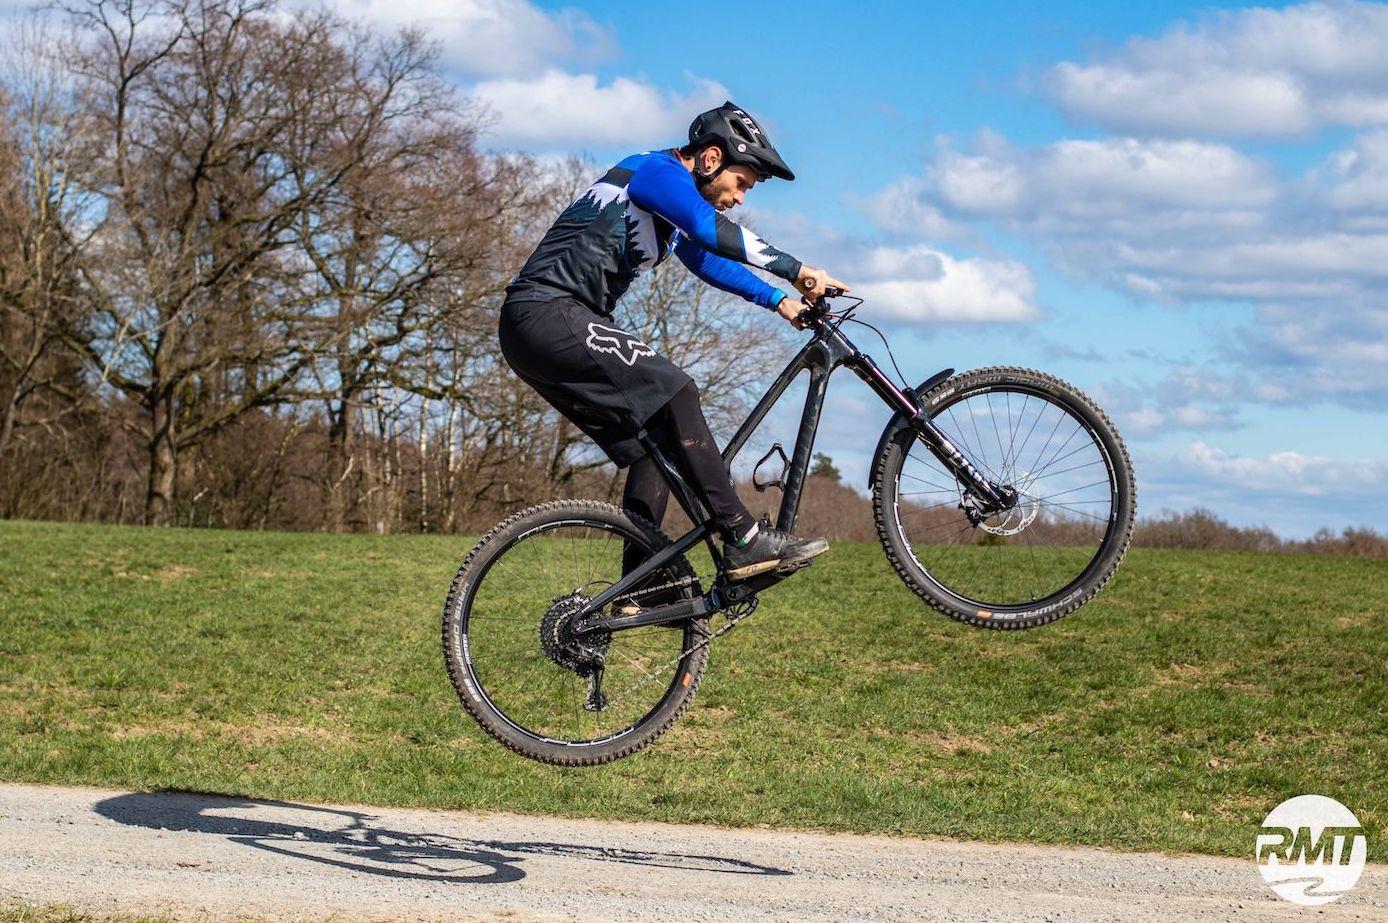 MTB Fahrtechnik Kurs Fortgeschrittene in Stuttgart  Esslingen - Mountainbike Fortgeschritten - Rock my Trail Bikeschule